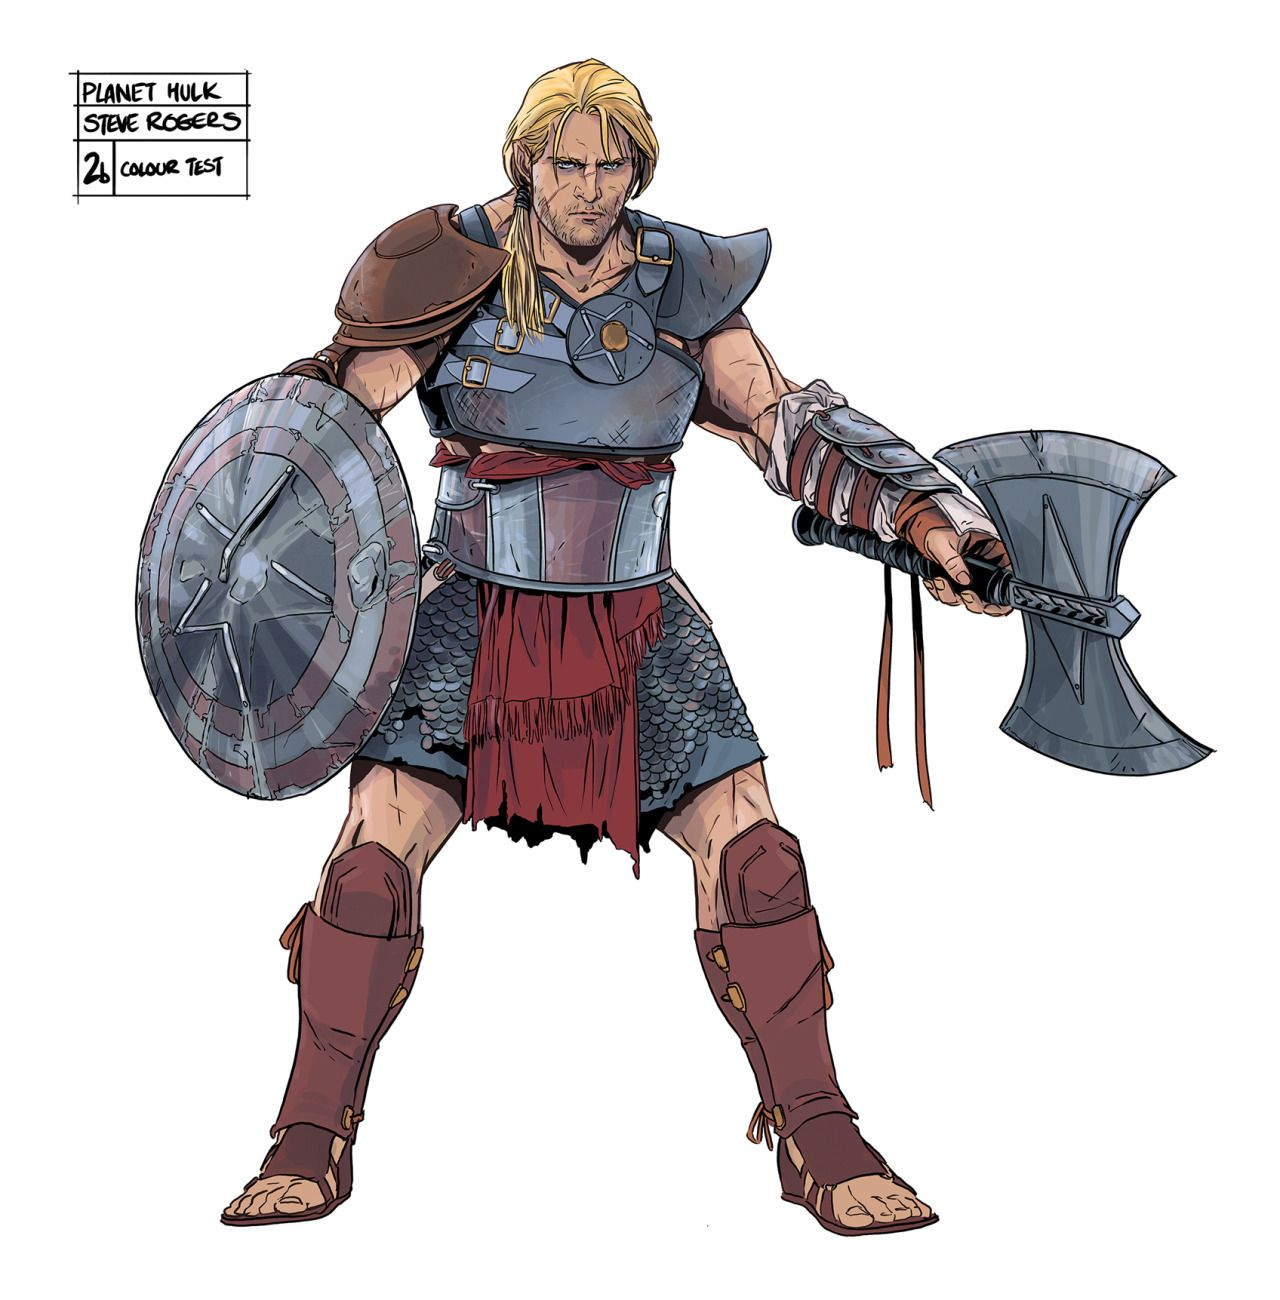 gladiator steve rogers character sheet for planet hulk